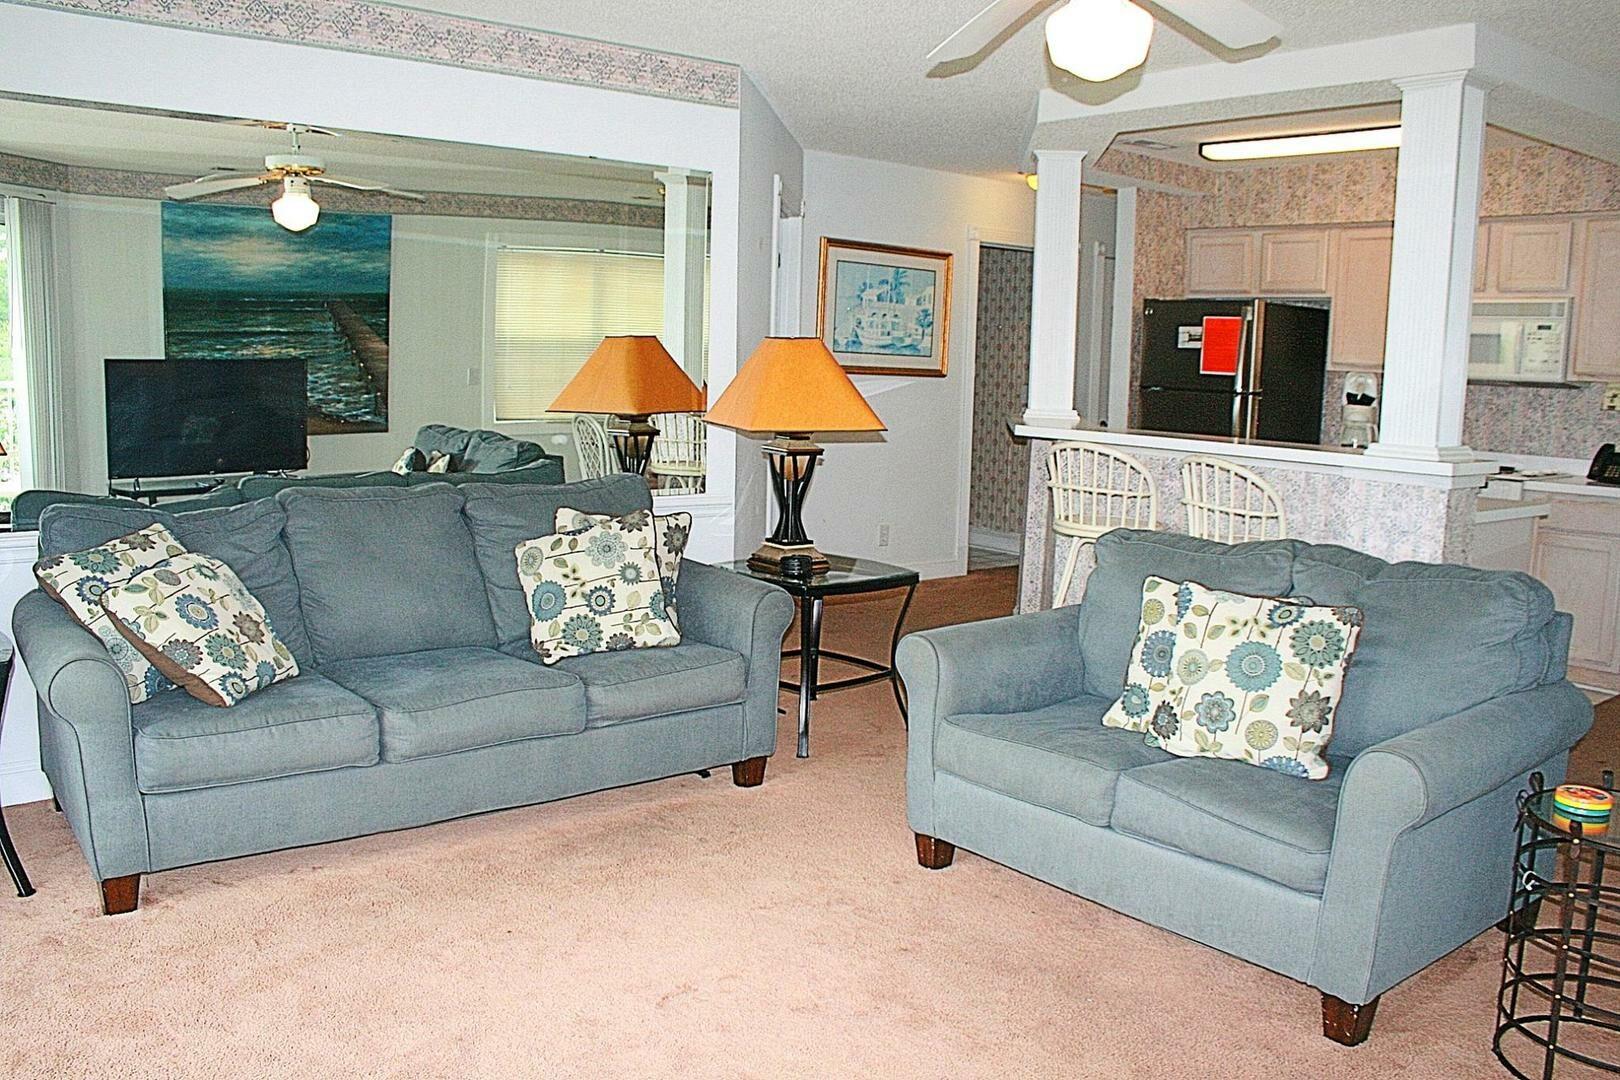 604 2 Bedroom/2 Bath Villa